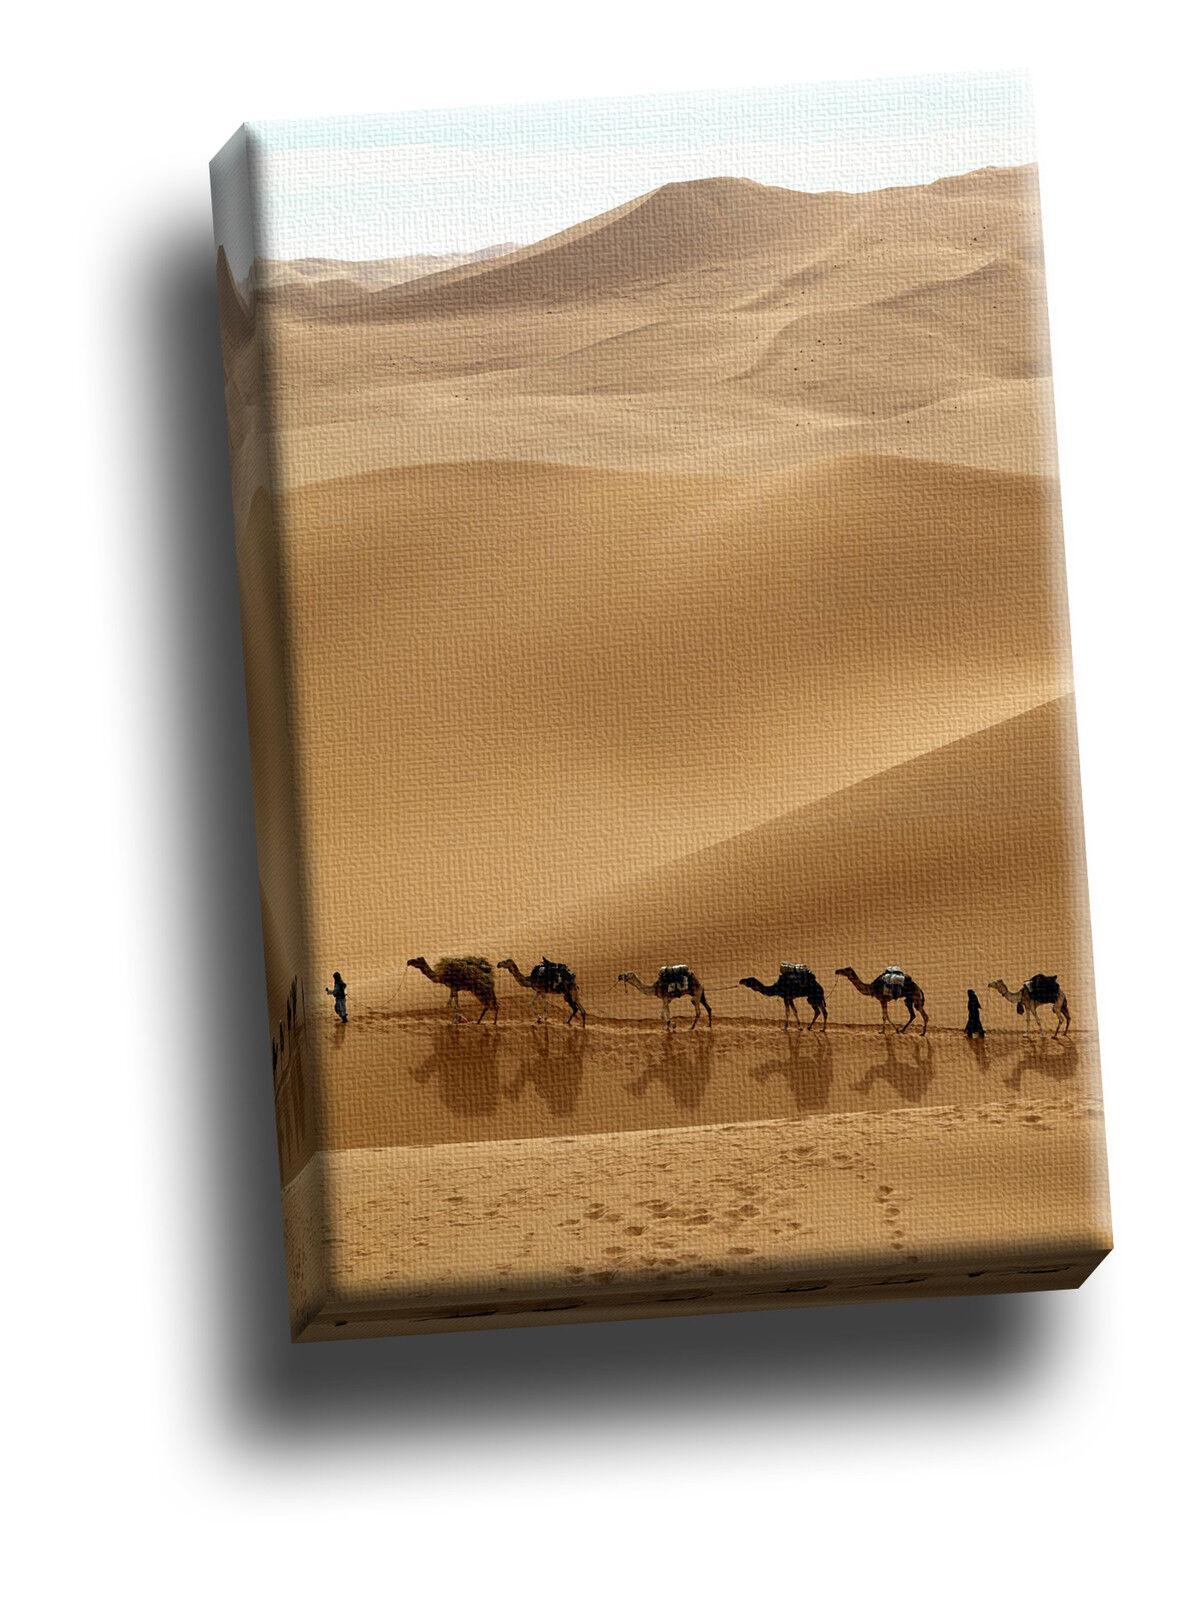 Camel caravane, la libye giclee toile photo art